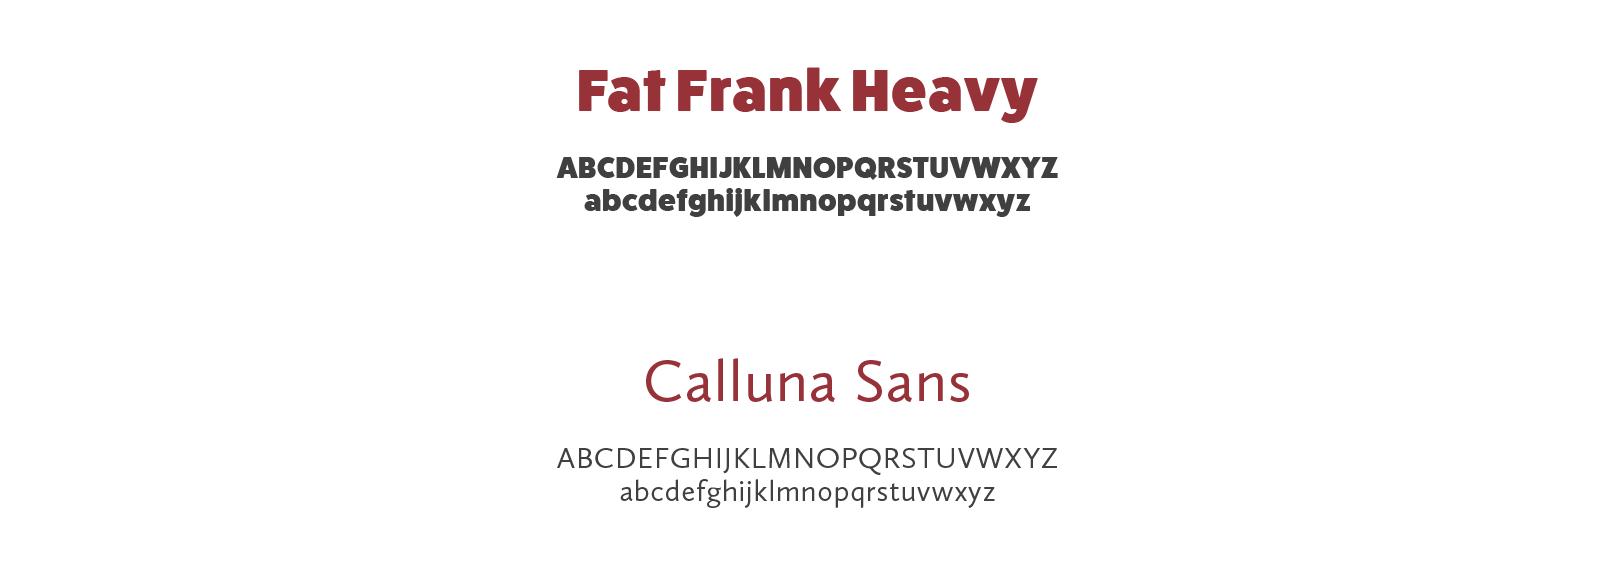 Twinning Fonts